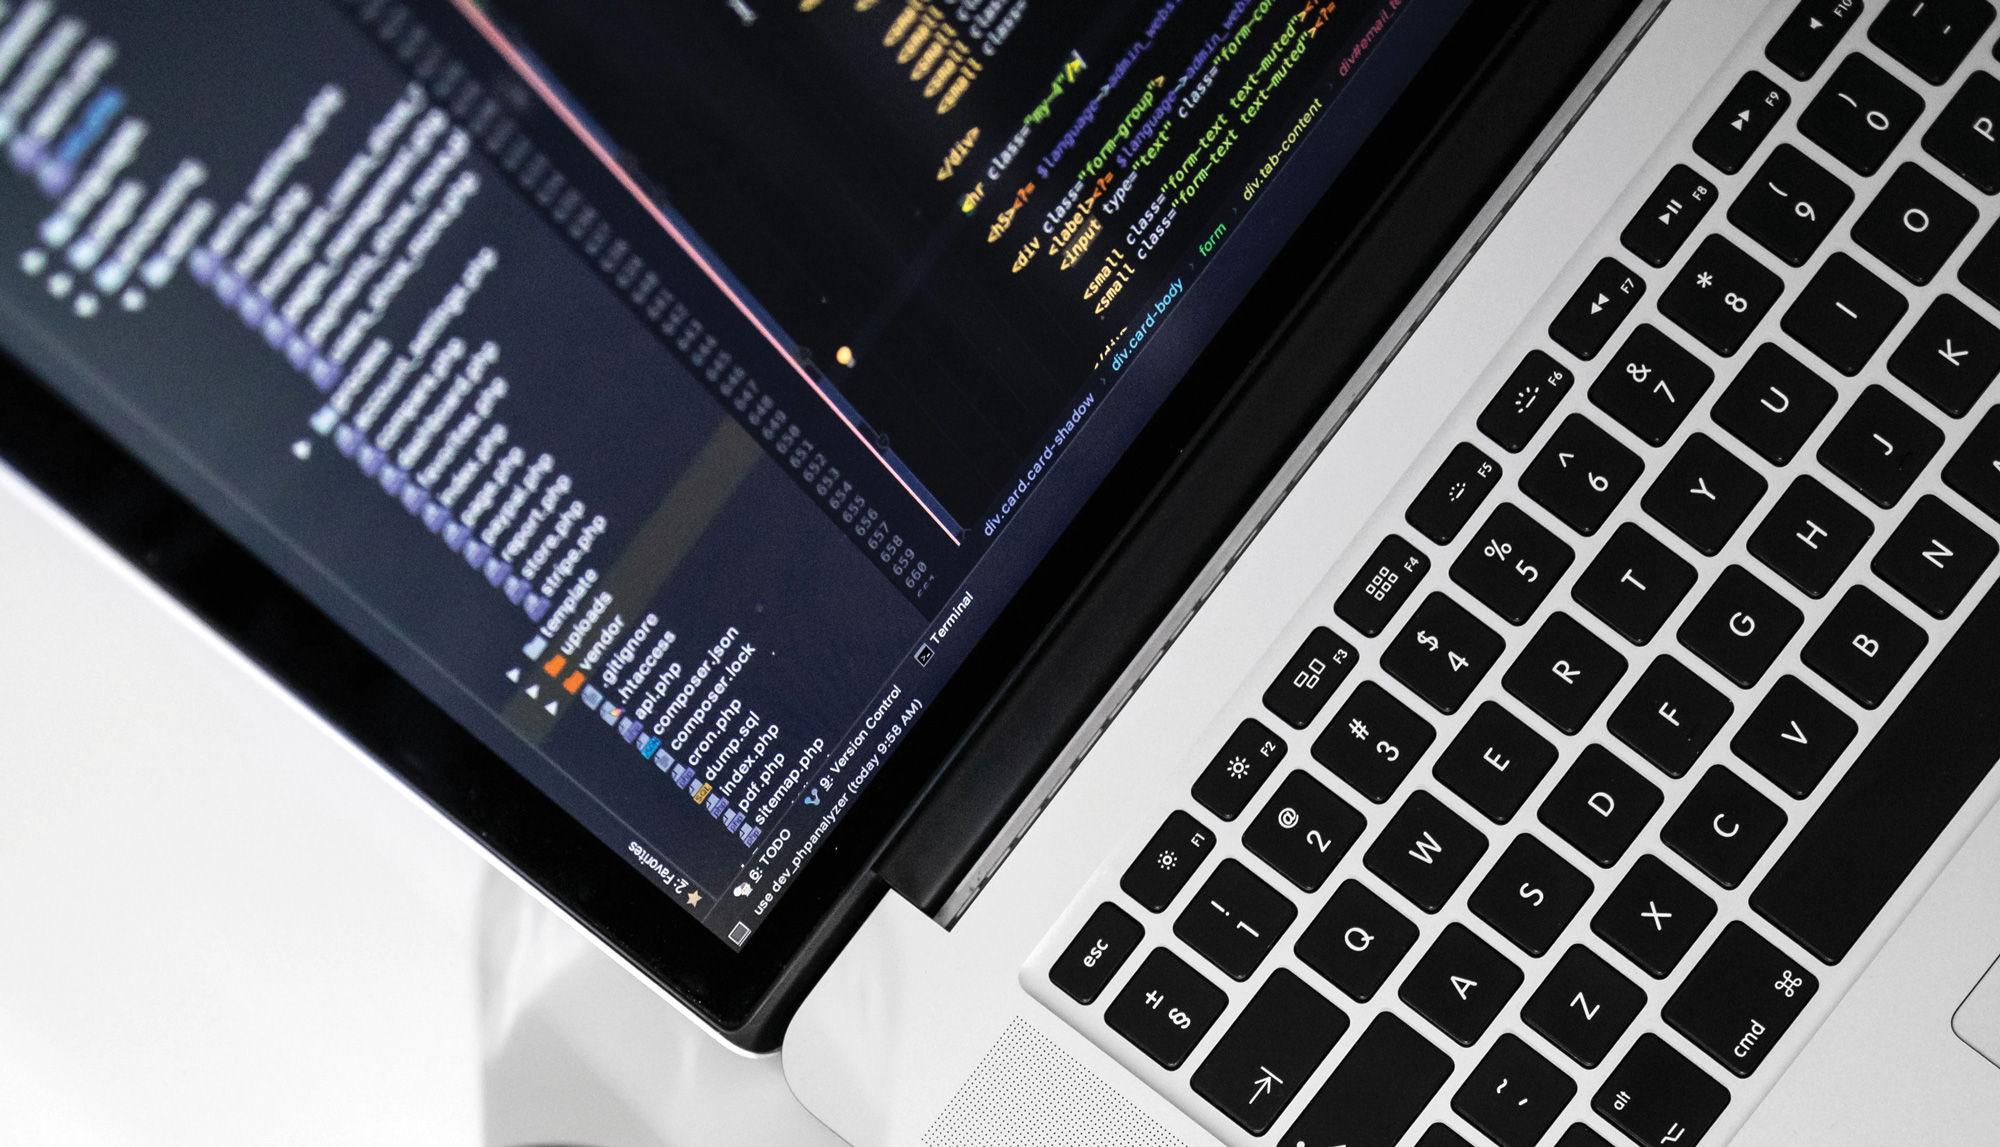 (디지털컨버전스) 자바(Java) &스프링(Spring)프레임워크 개발자 양성과정